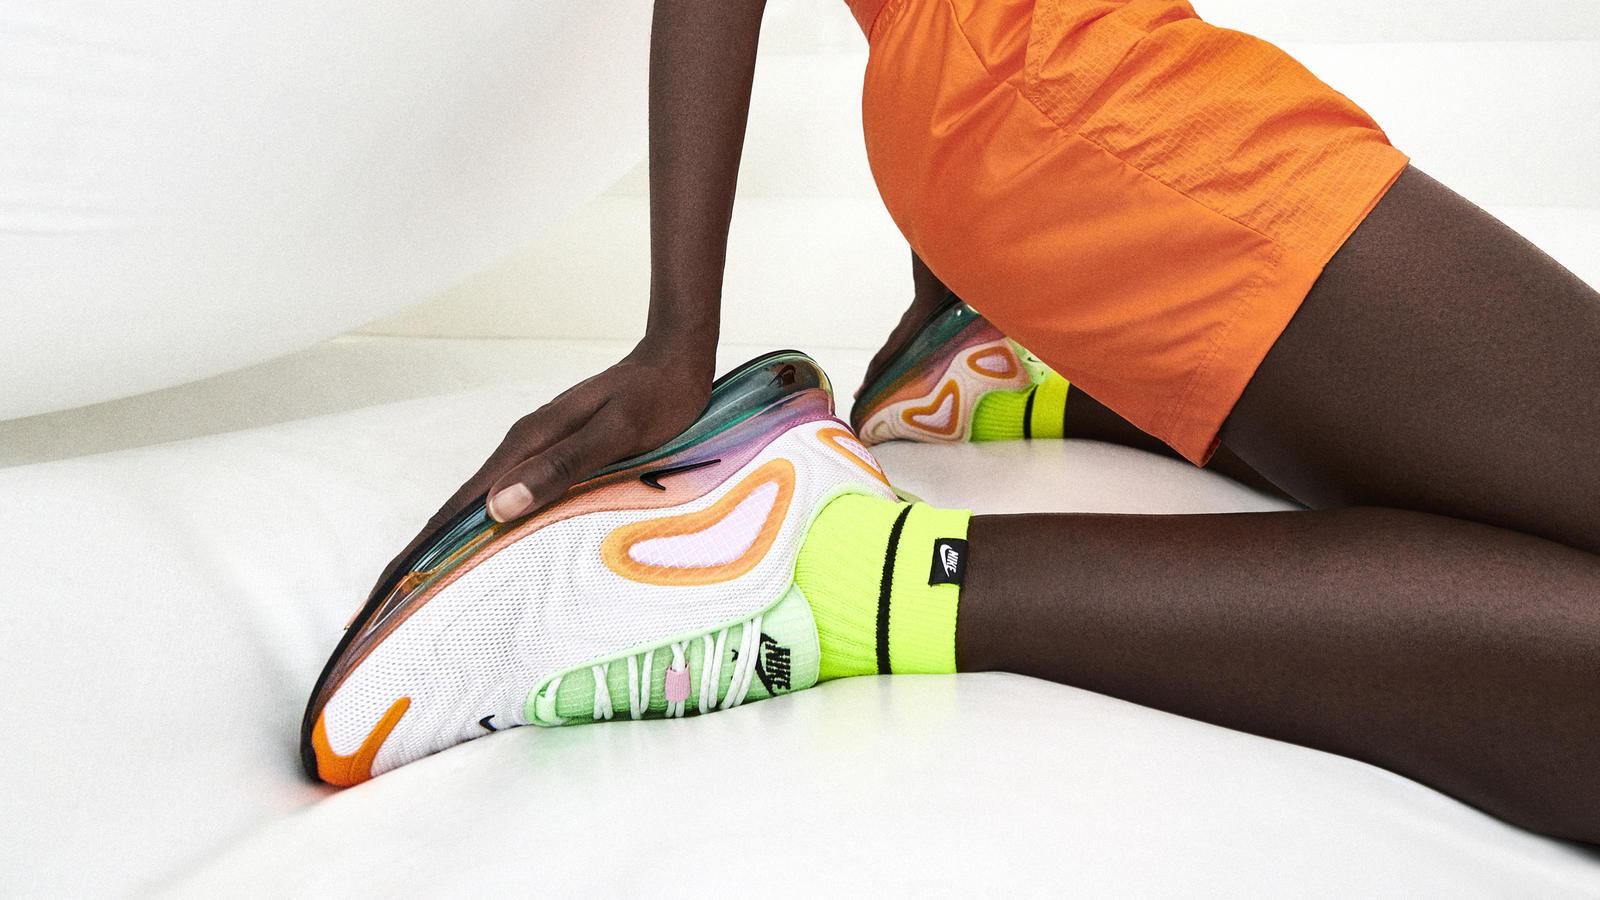 Nike Sportswear Vibrant Pack Air Max 200 Air Max 270 React Air Max Tailwind IV MX-720-818 Air Max 720 6